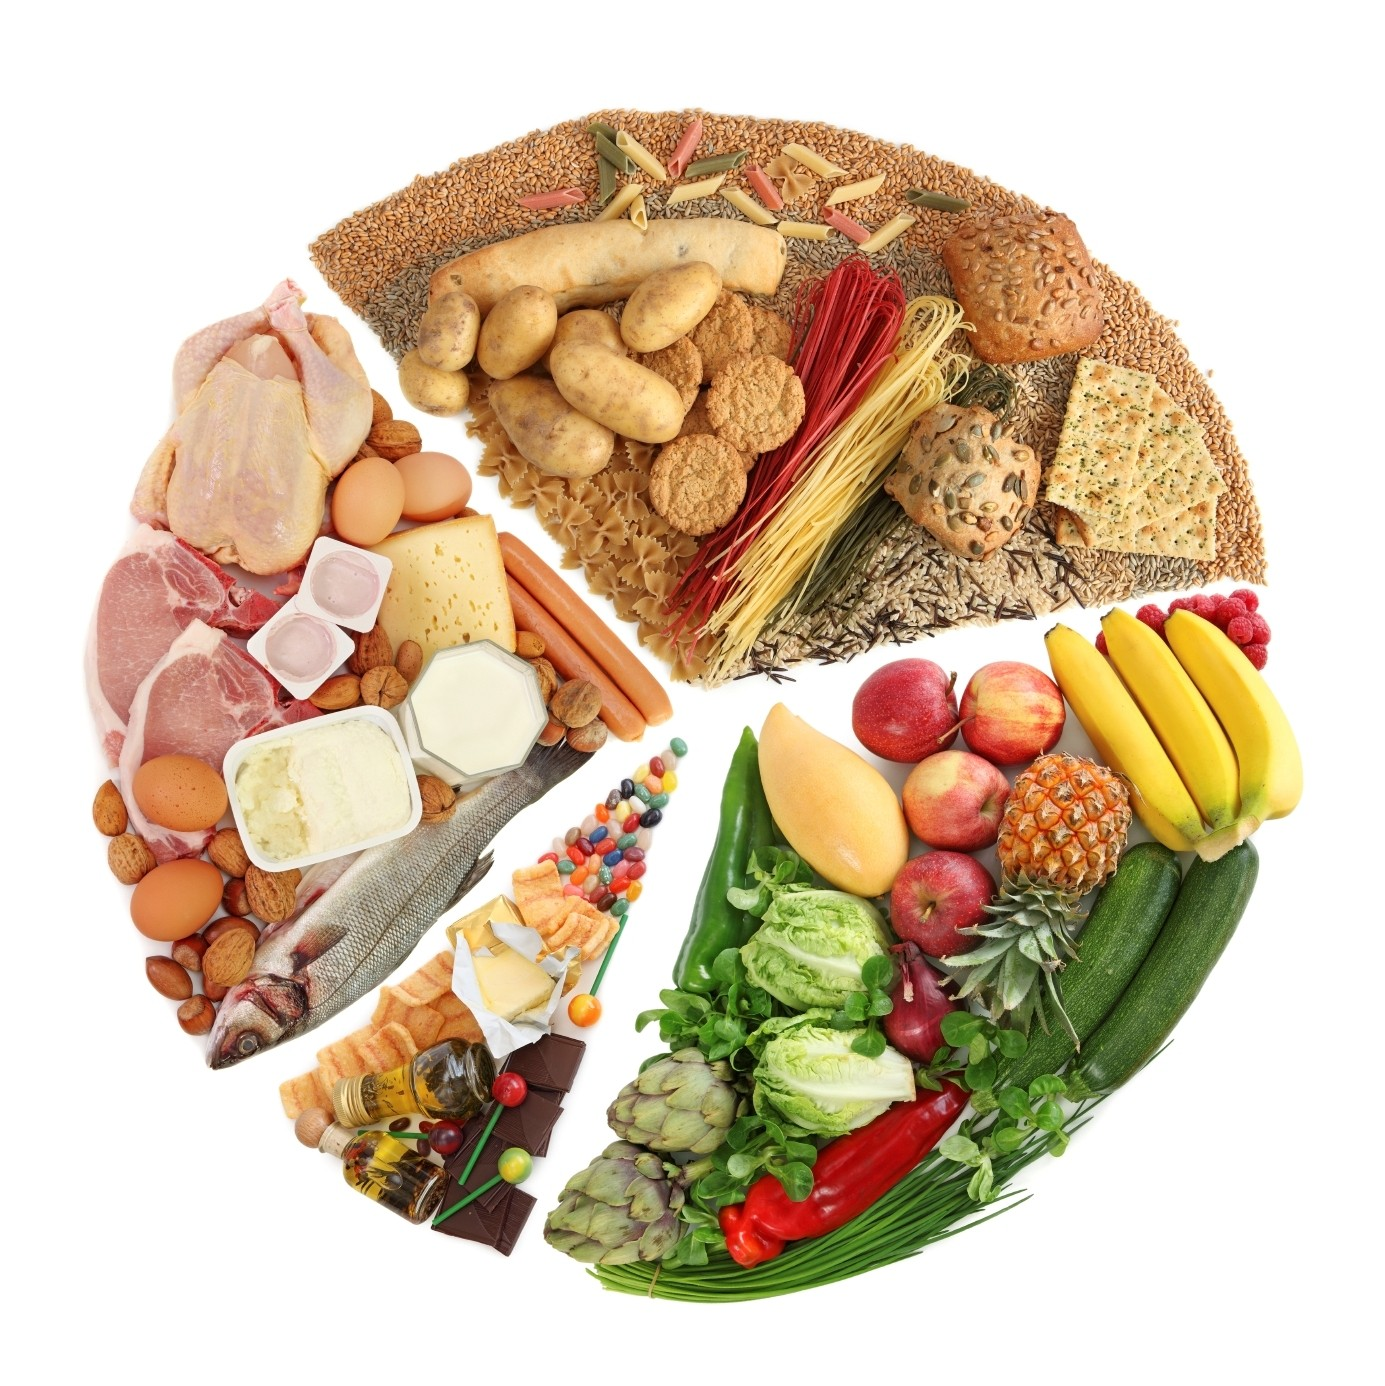 immagini di piatti equilibrati con menu dietetico dissociato